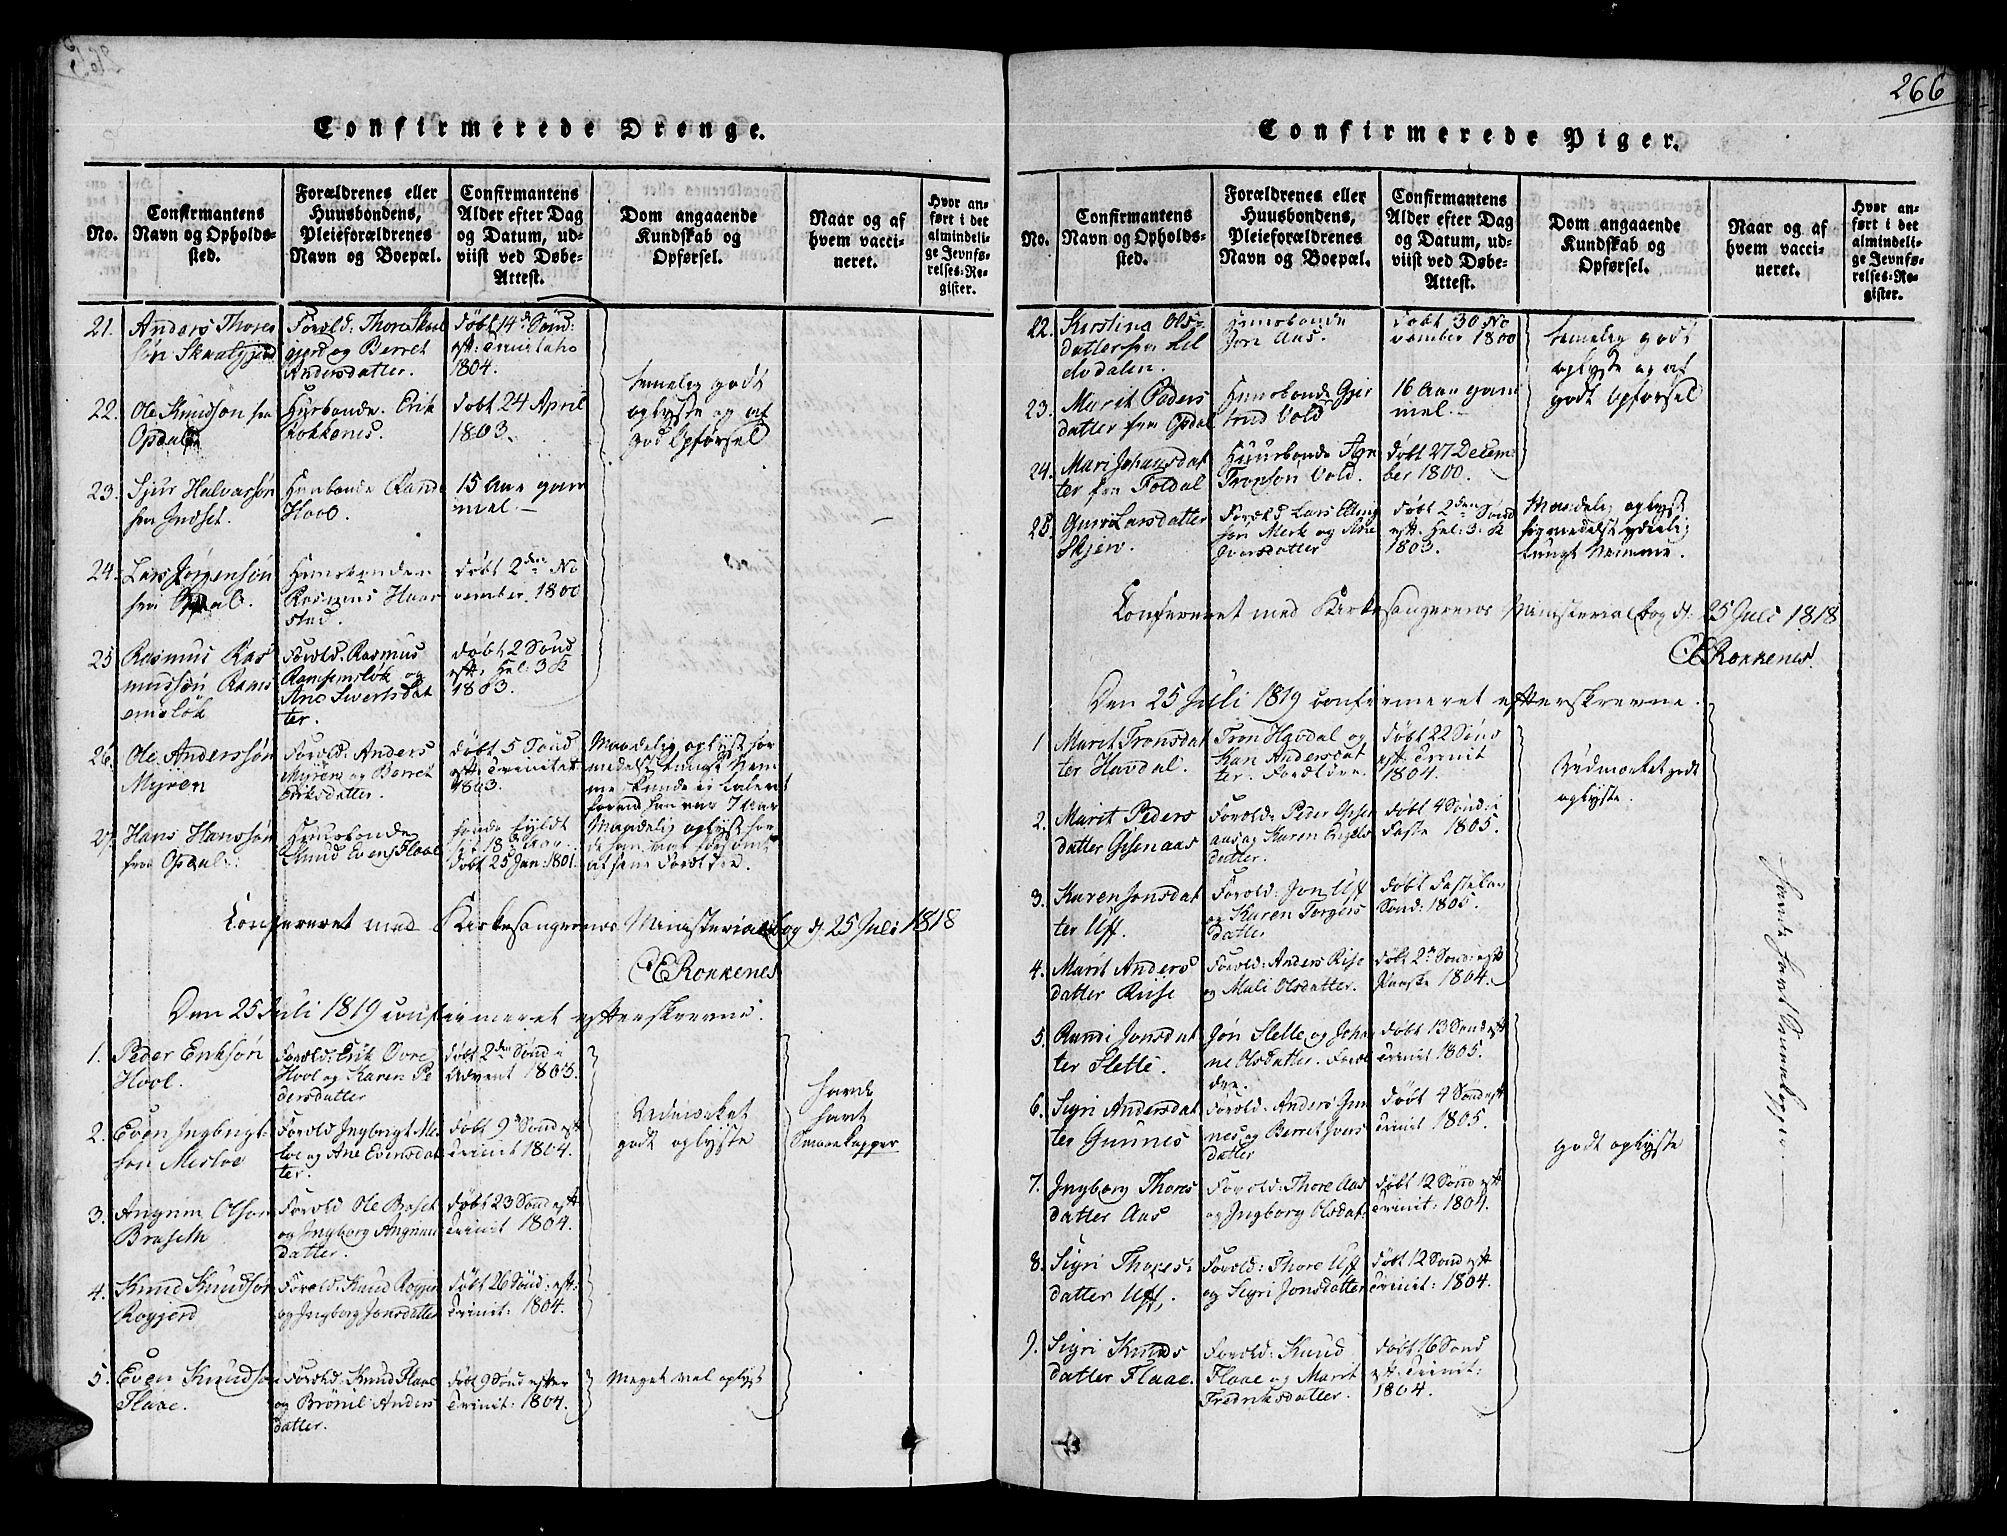 SAT, Ministerialprotokoller, klokkerbøker og fødselsregistre - Sør-Trøndelag, 672/L0854: Ministerialbok nr. 672A06 /2, 1816-1829, s. 266